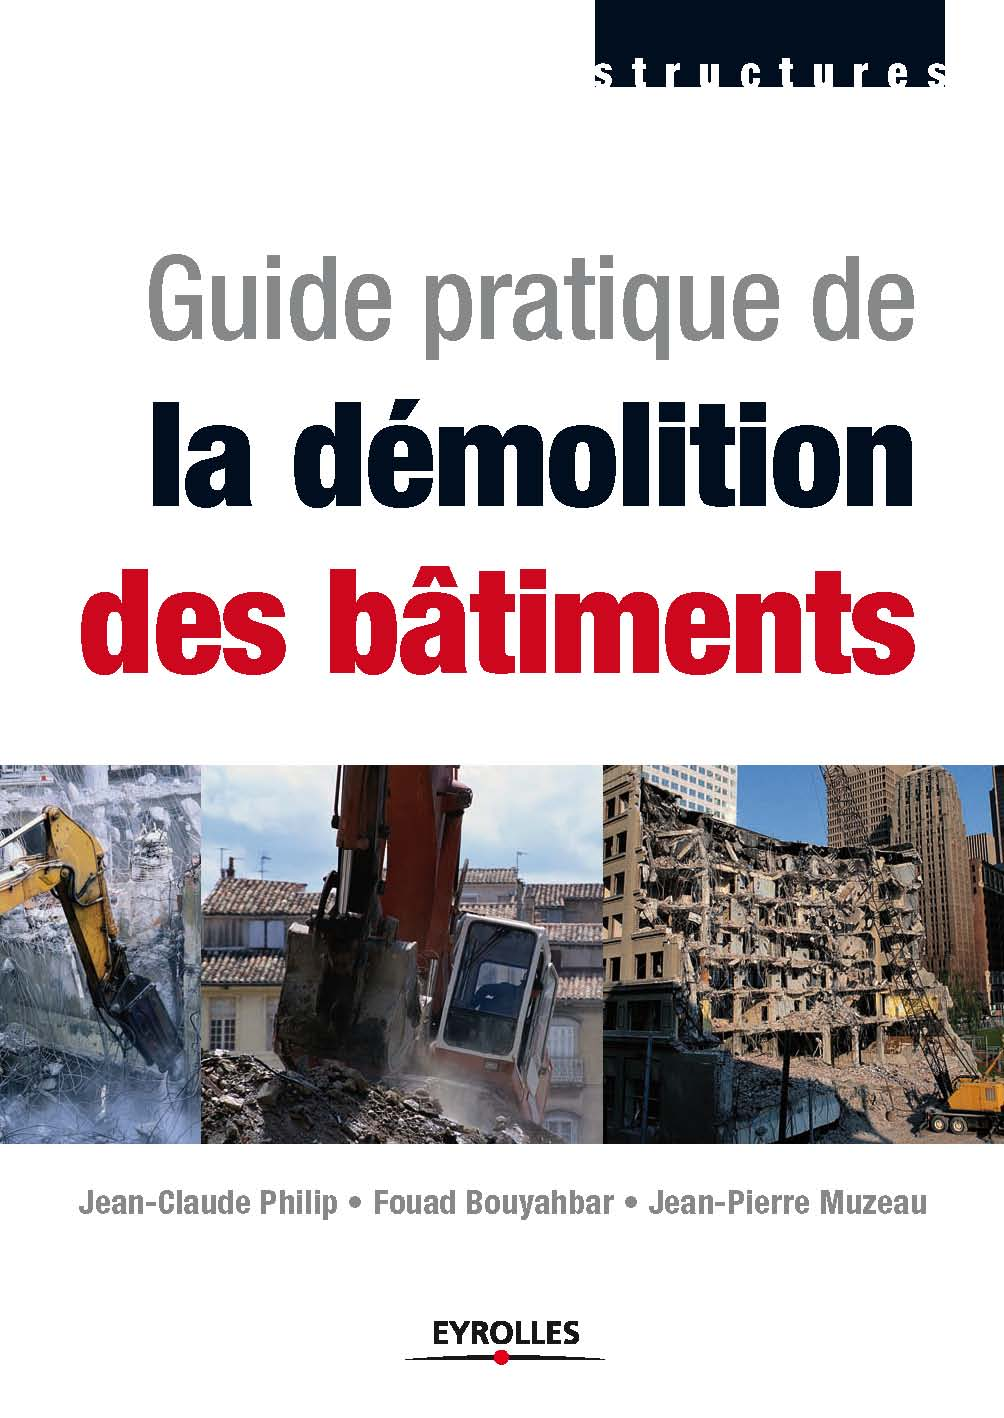 topographie guide pratique de la demolition des batiments. Black Bedroom Furniture Sets. Home Design Ideas